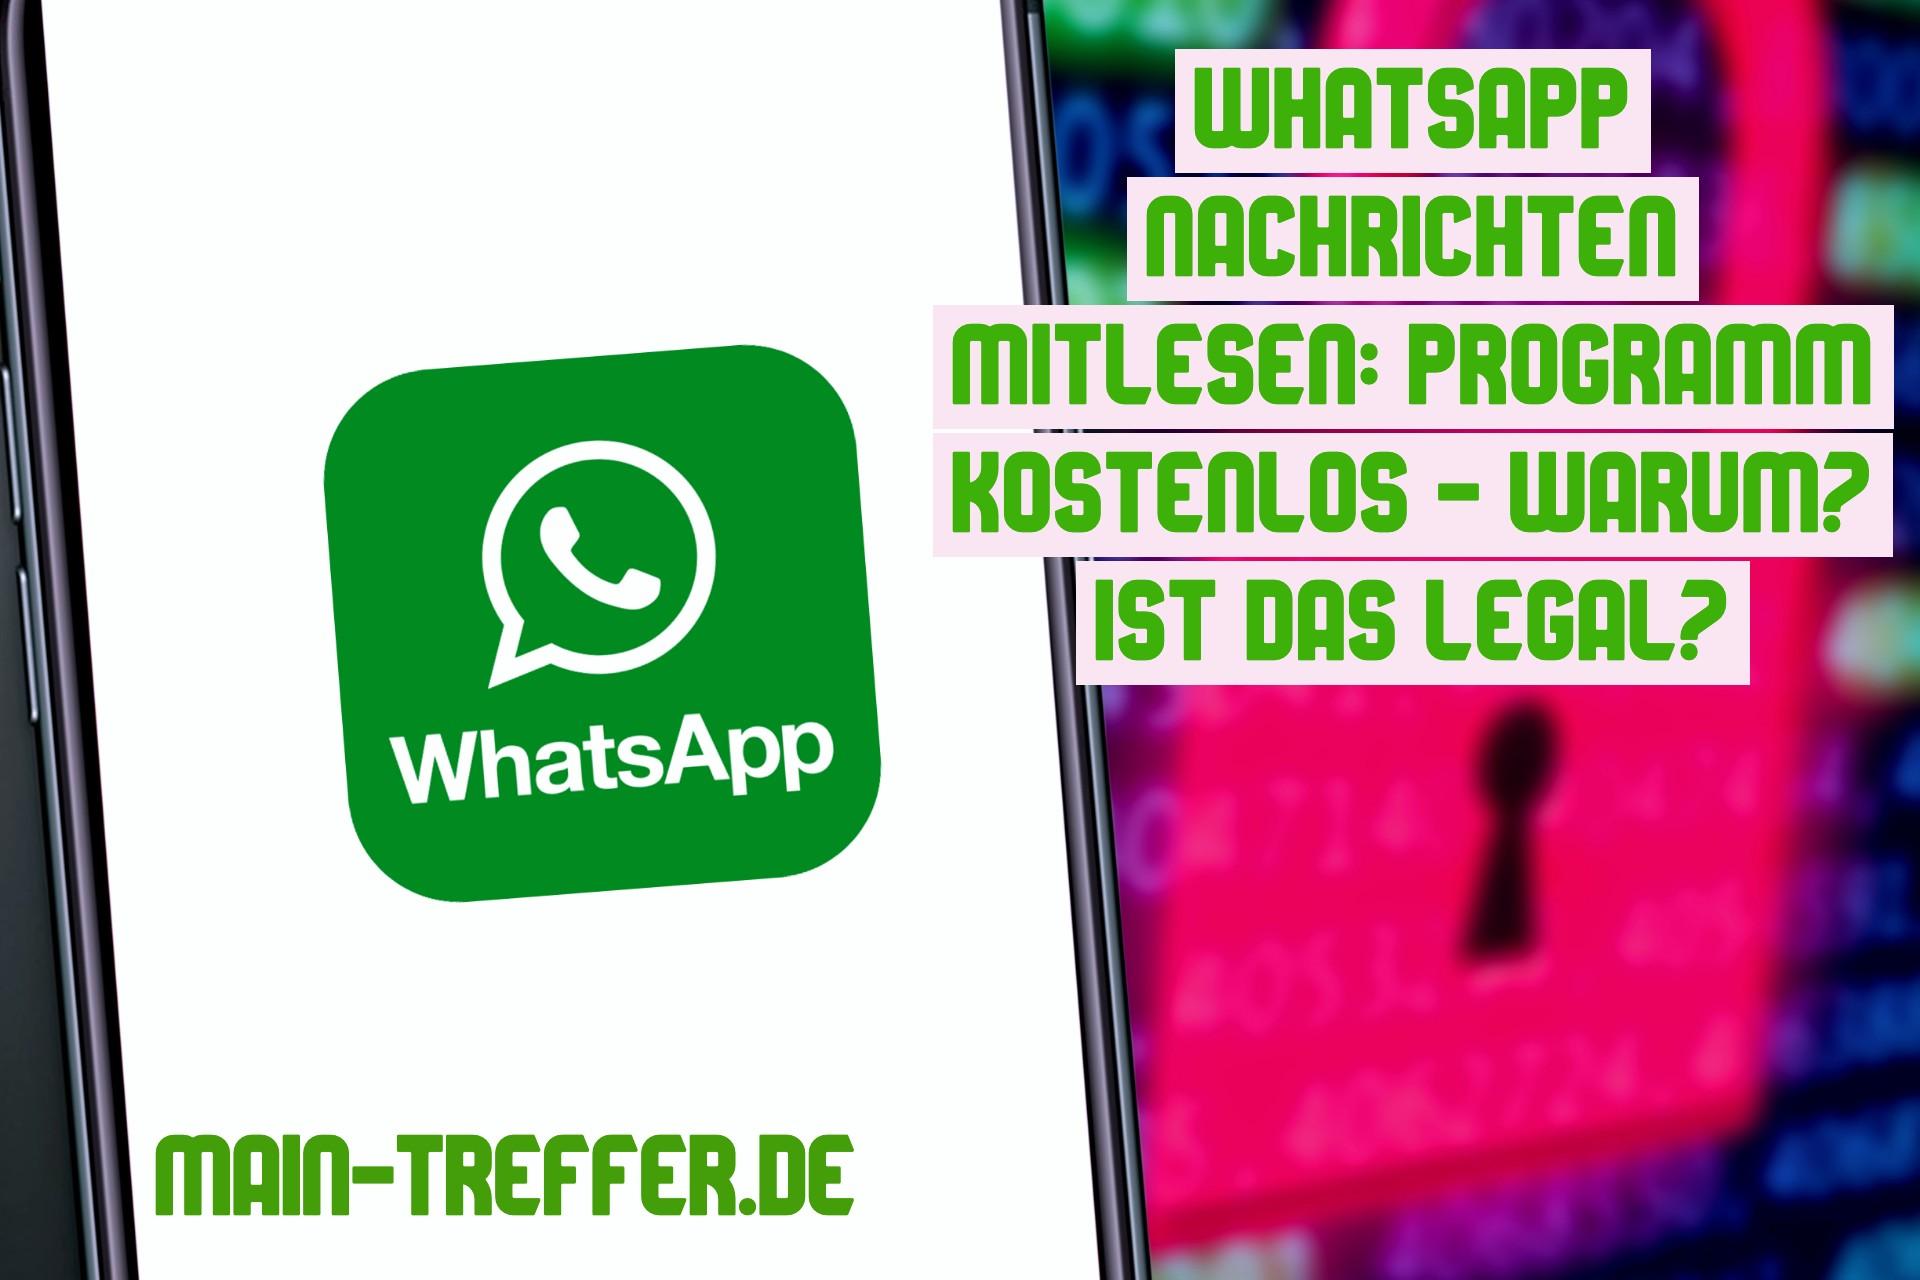 WhatsApp Nachrichten mitlesen Programm